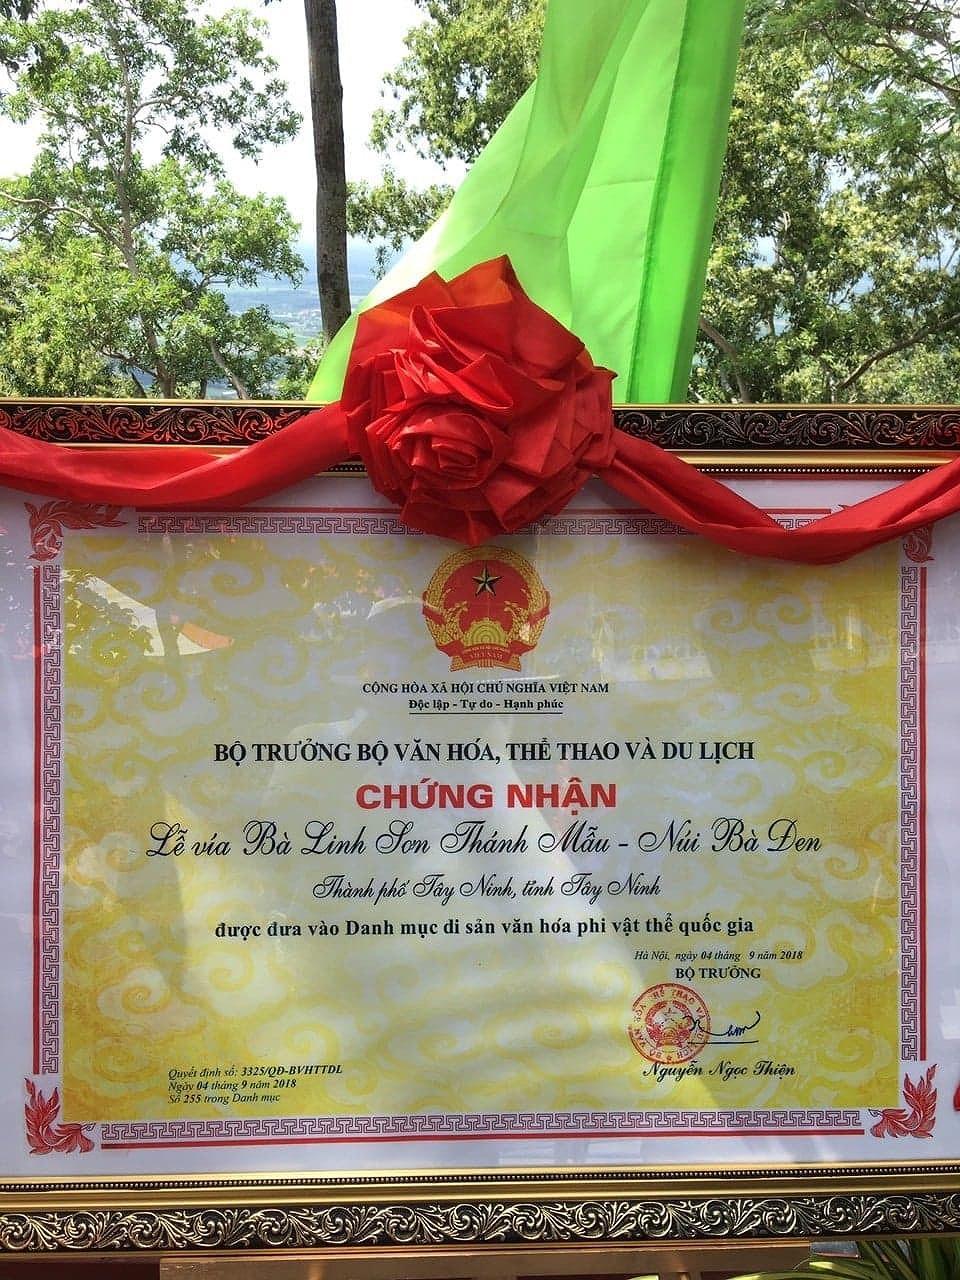 'Lễ vía Bà Linh Sơn Thánh Mẫu núi Bà Đen' là Di sản văn hóa phi vật thể quốc gia Ảnh 2